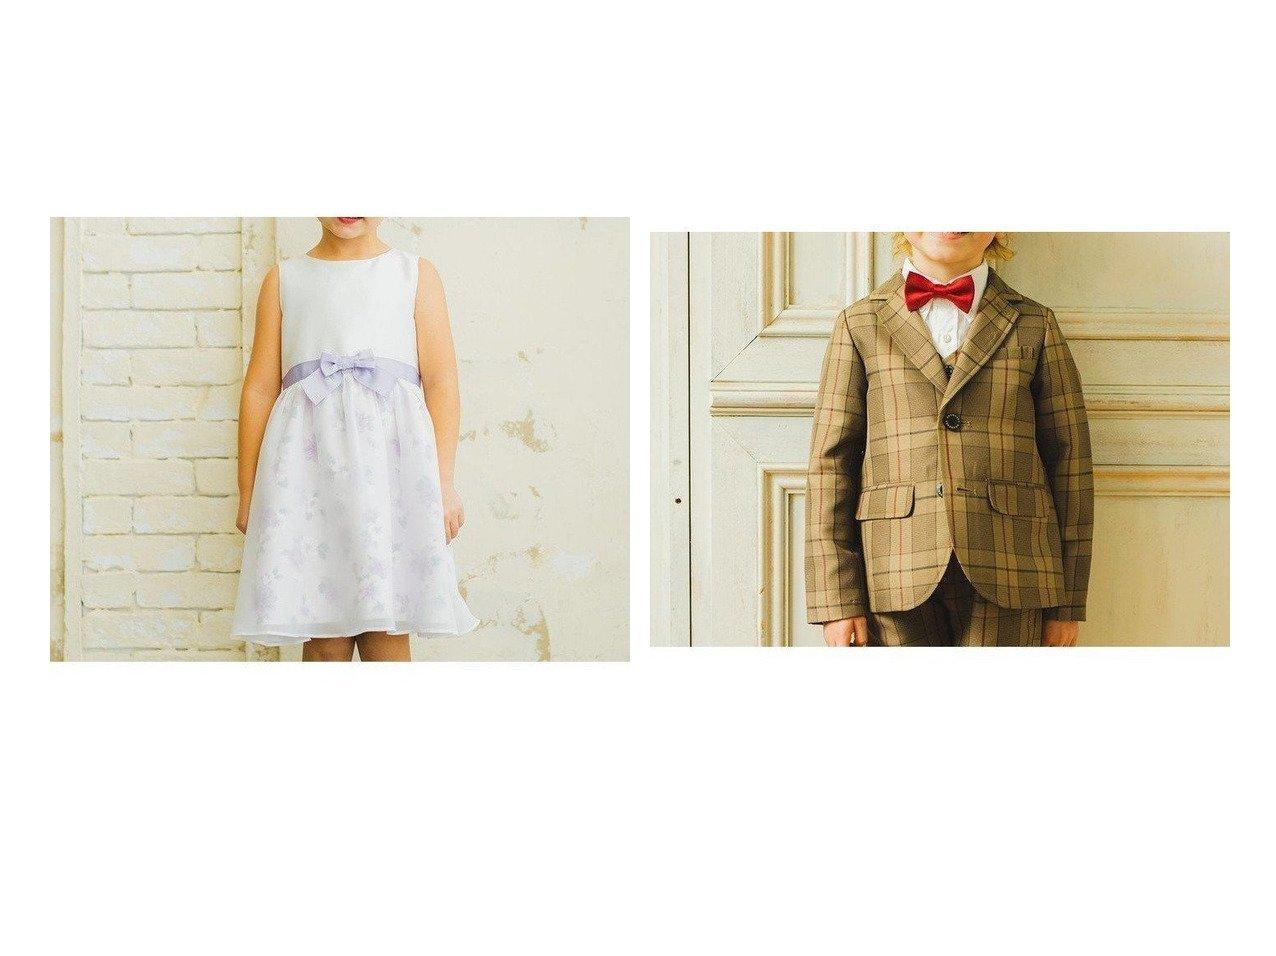 【branshes / KIDS/ブランシェス】の【キメ服】サージ/チェックジャケット&【キメ服】花柄ジャンパースカート 【KIDS】子供服のおすすめ!人気トレンド・キッズファッションの通販 おすすめで人気の流行・トレンド、ファッションの通販商品 メンズファッション・キッズファッション・インテリア・家具・レディースファッション・服の通販 founy(ファニー) https://founy.com/ ファッション Fashion キッズファッション KIDS アウター Coat Outerwear Kids シフォン ジャケット セットアップ ダウン チェック ベスト 再入荷 Restock/Back in Stock/Re Arrival  ID:crp329100000023172